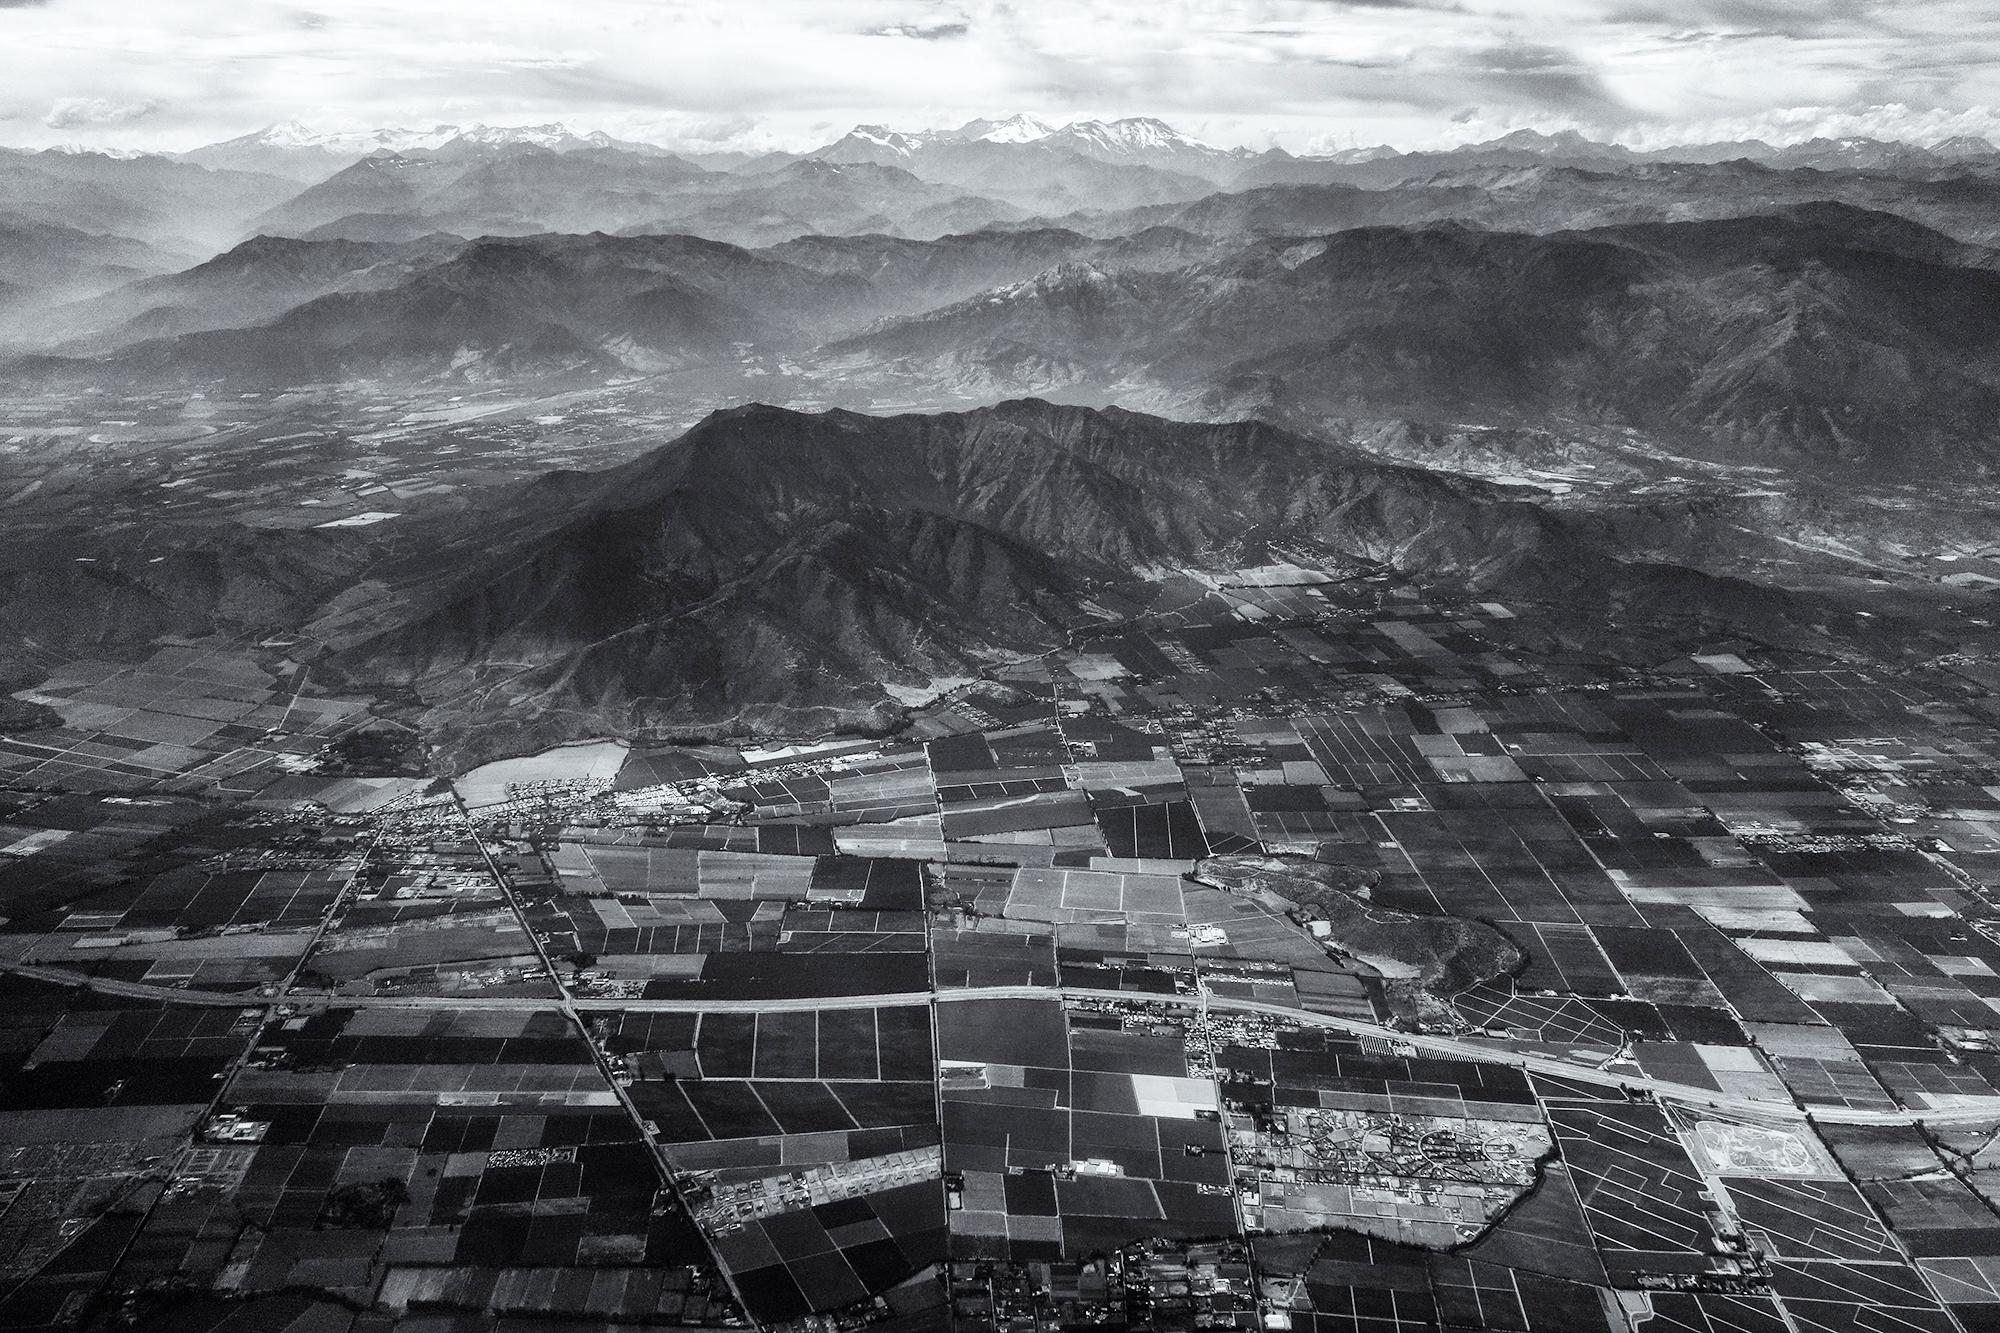 El Cordillera, #1. Santiago de Chile, 2017